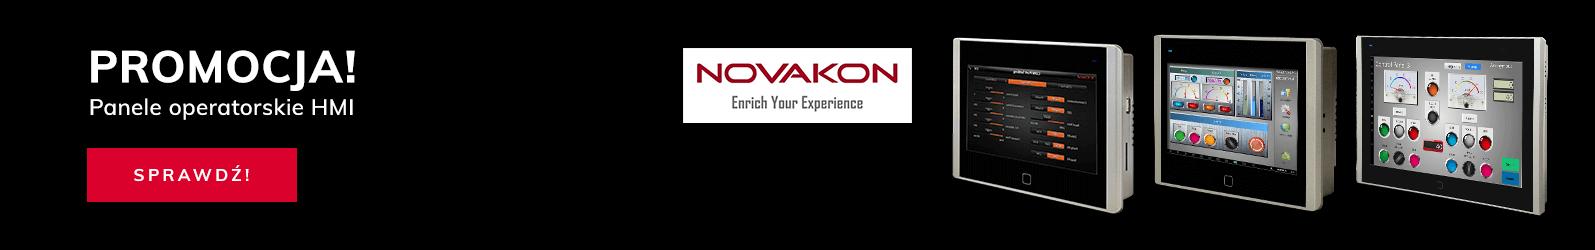 Novakon_1